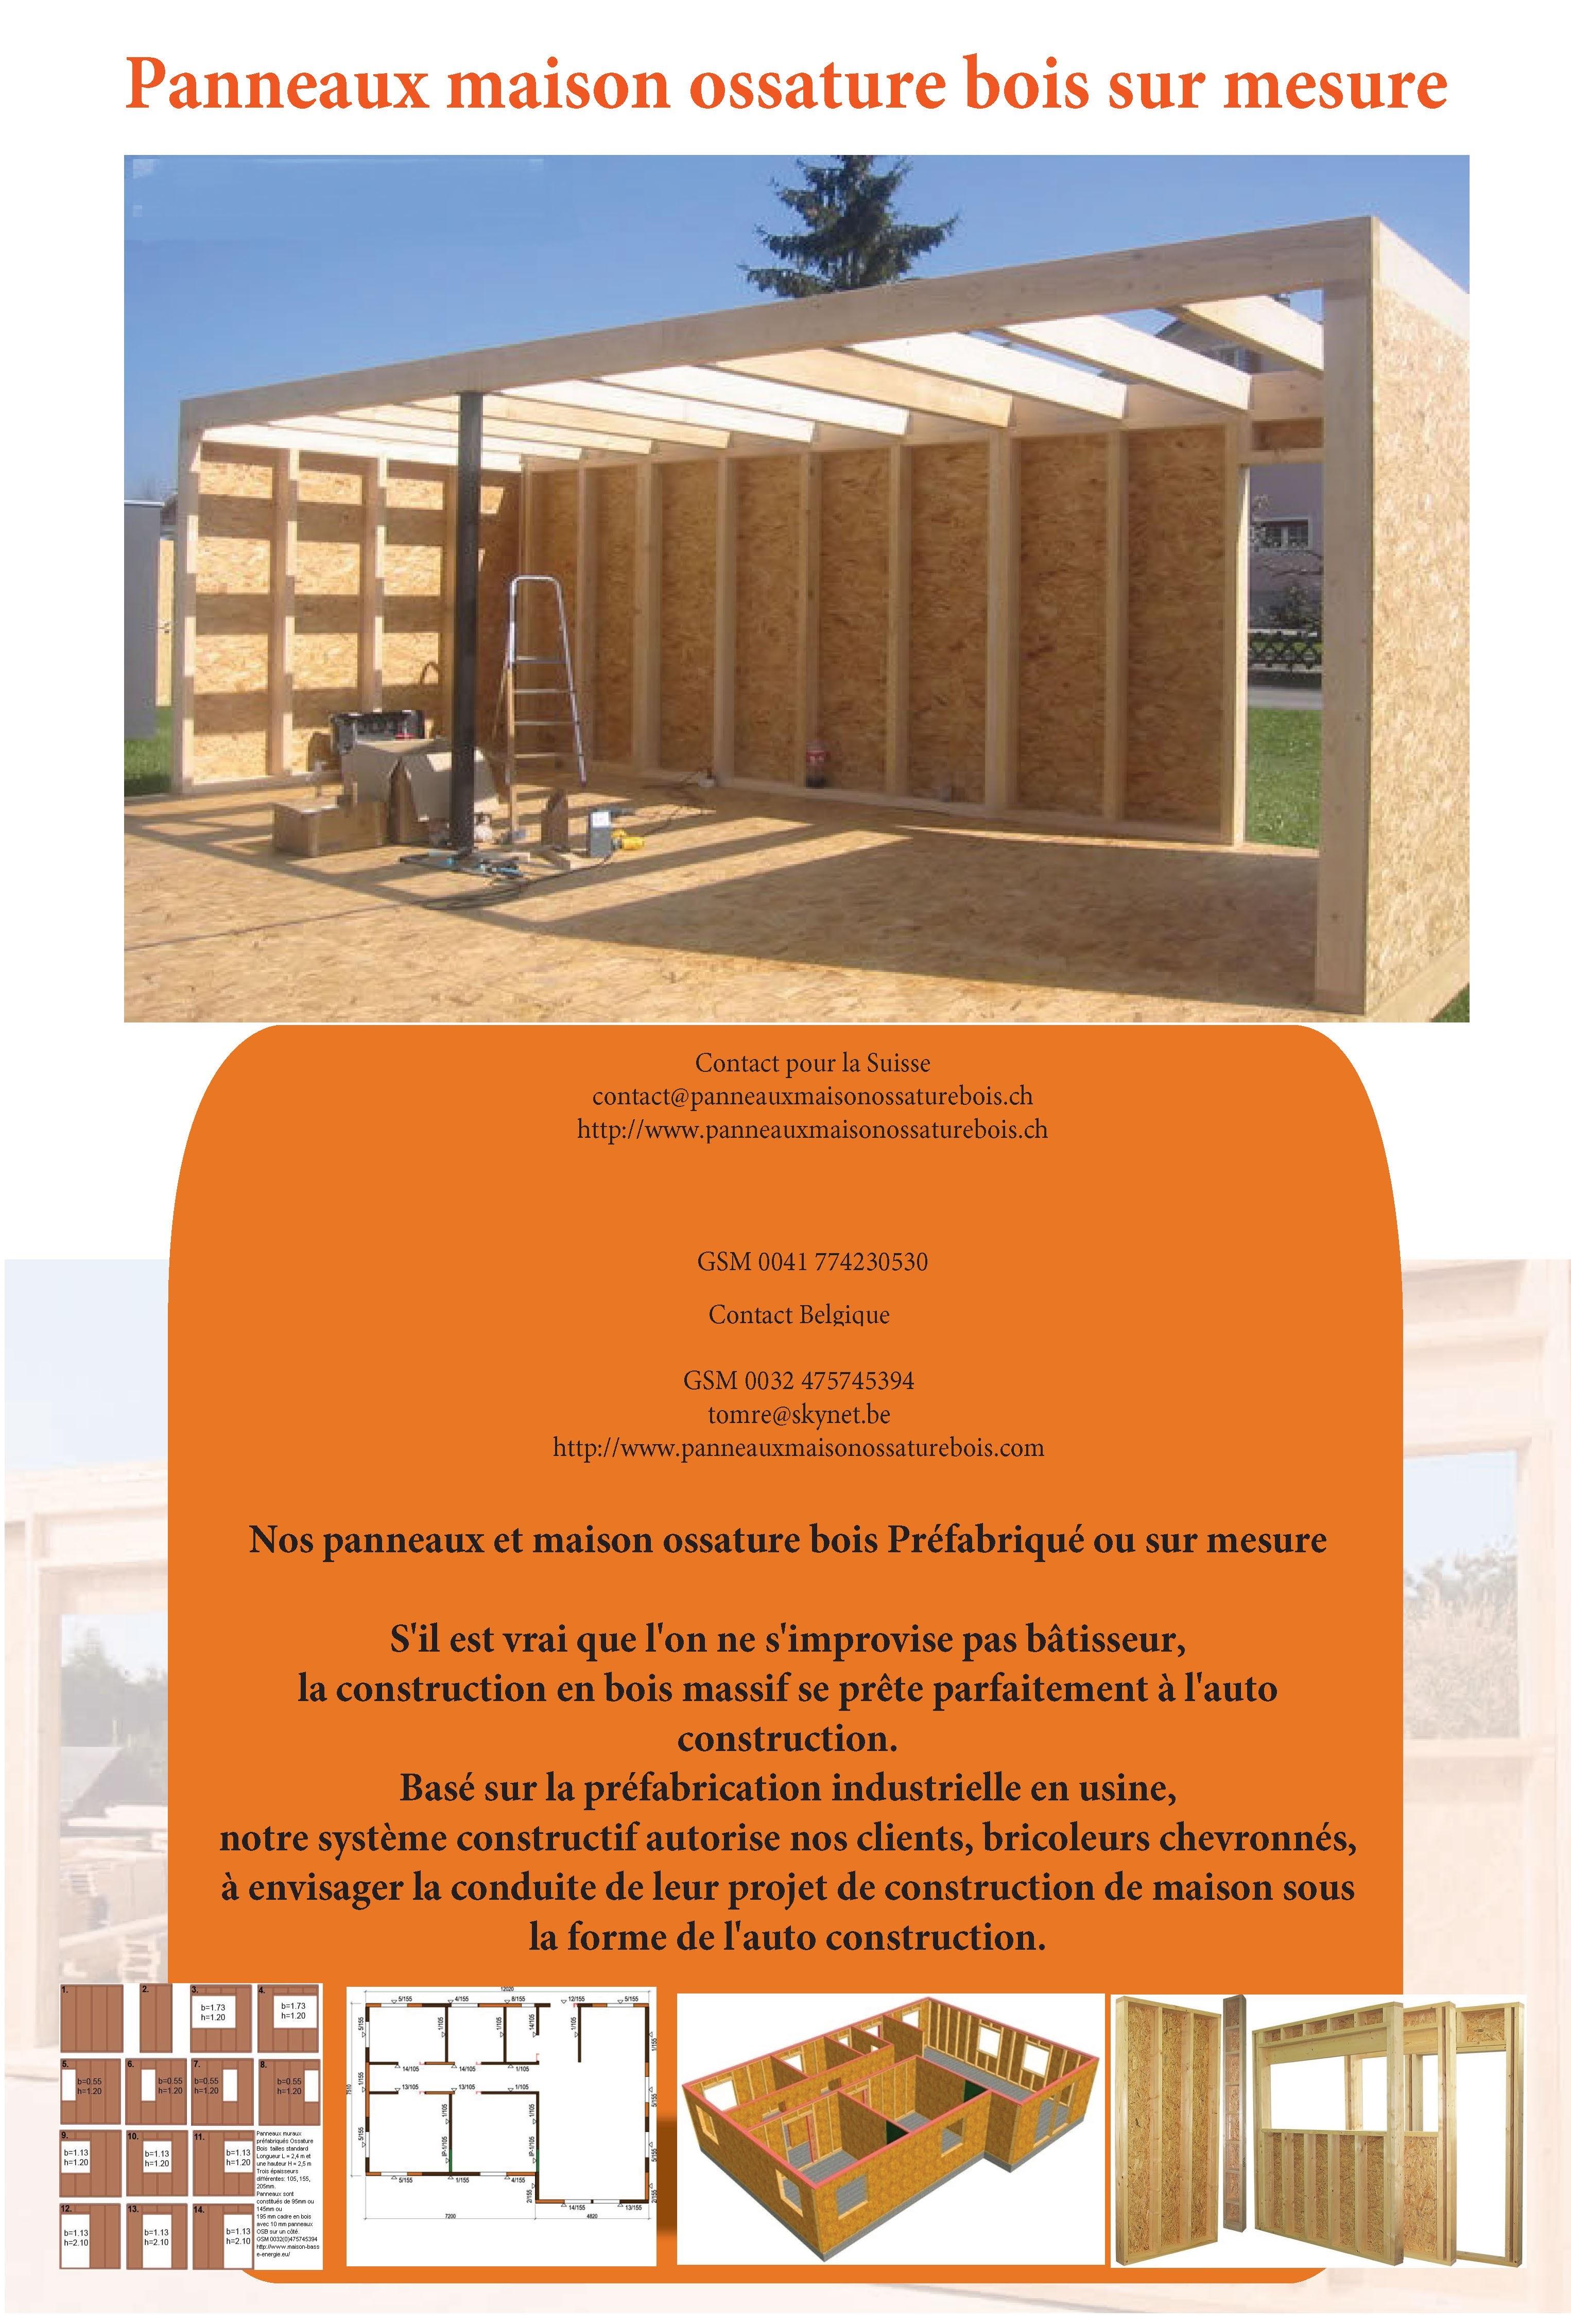 Hangar En Kit Bois promo murs ossature bois | panneaux maison ossature bois